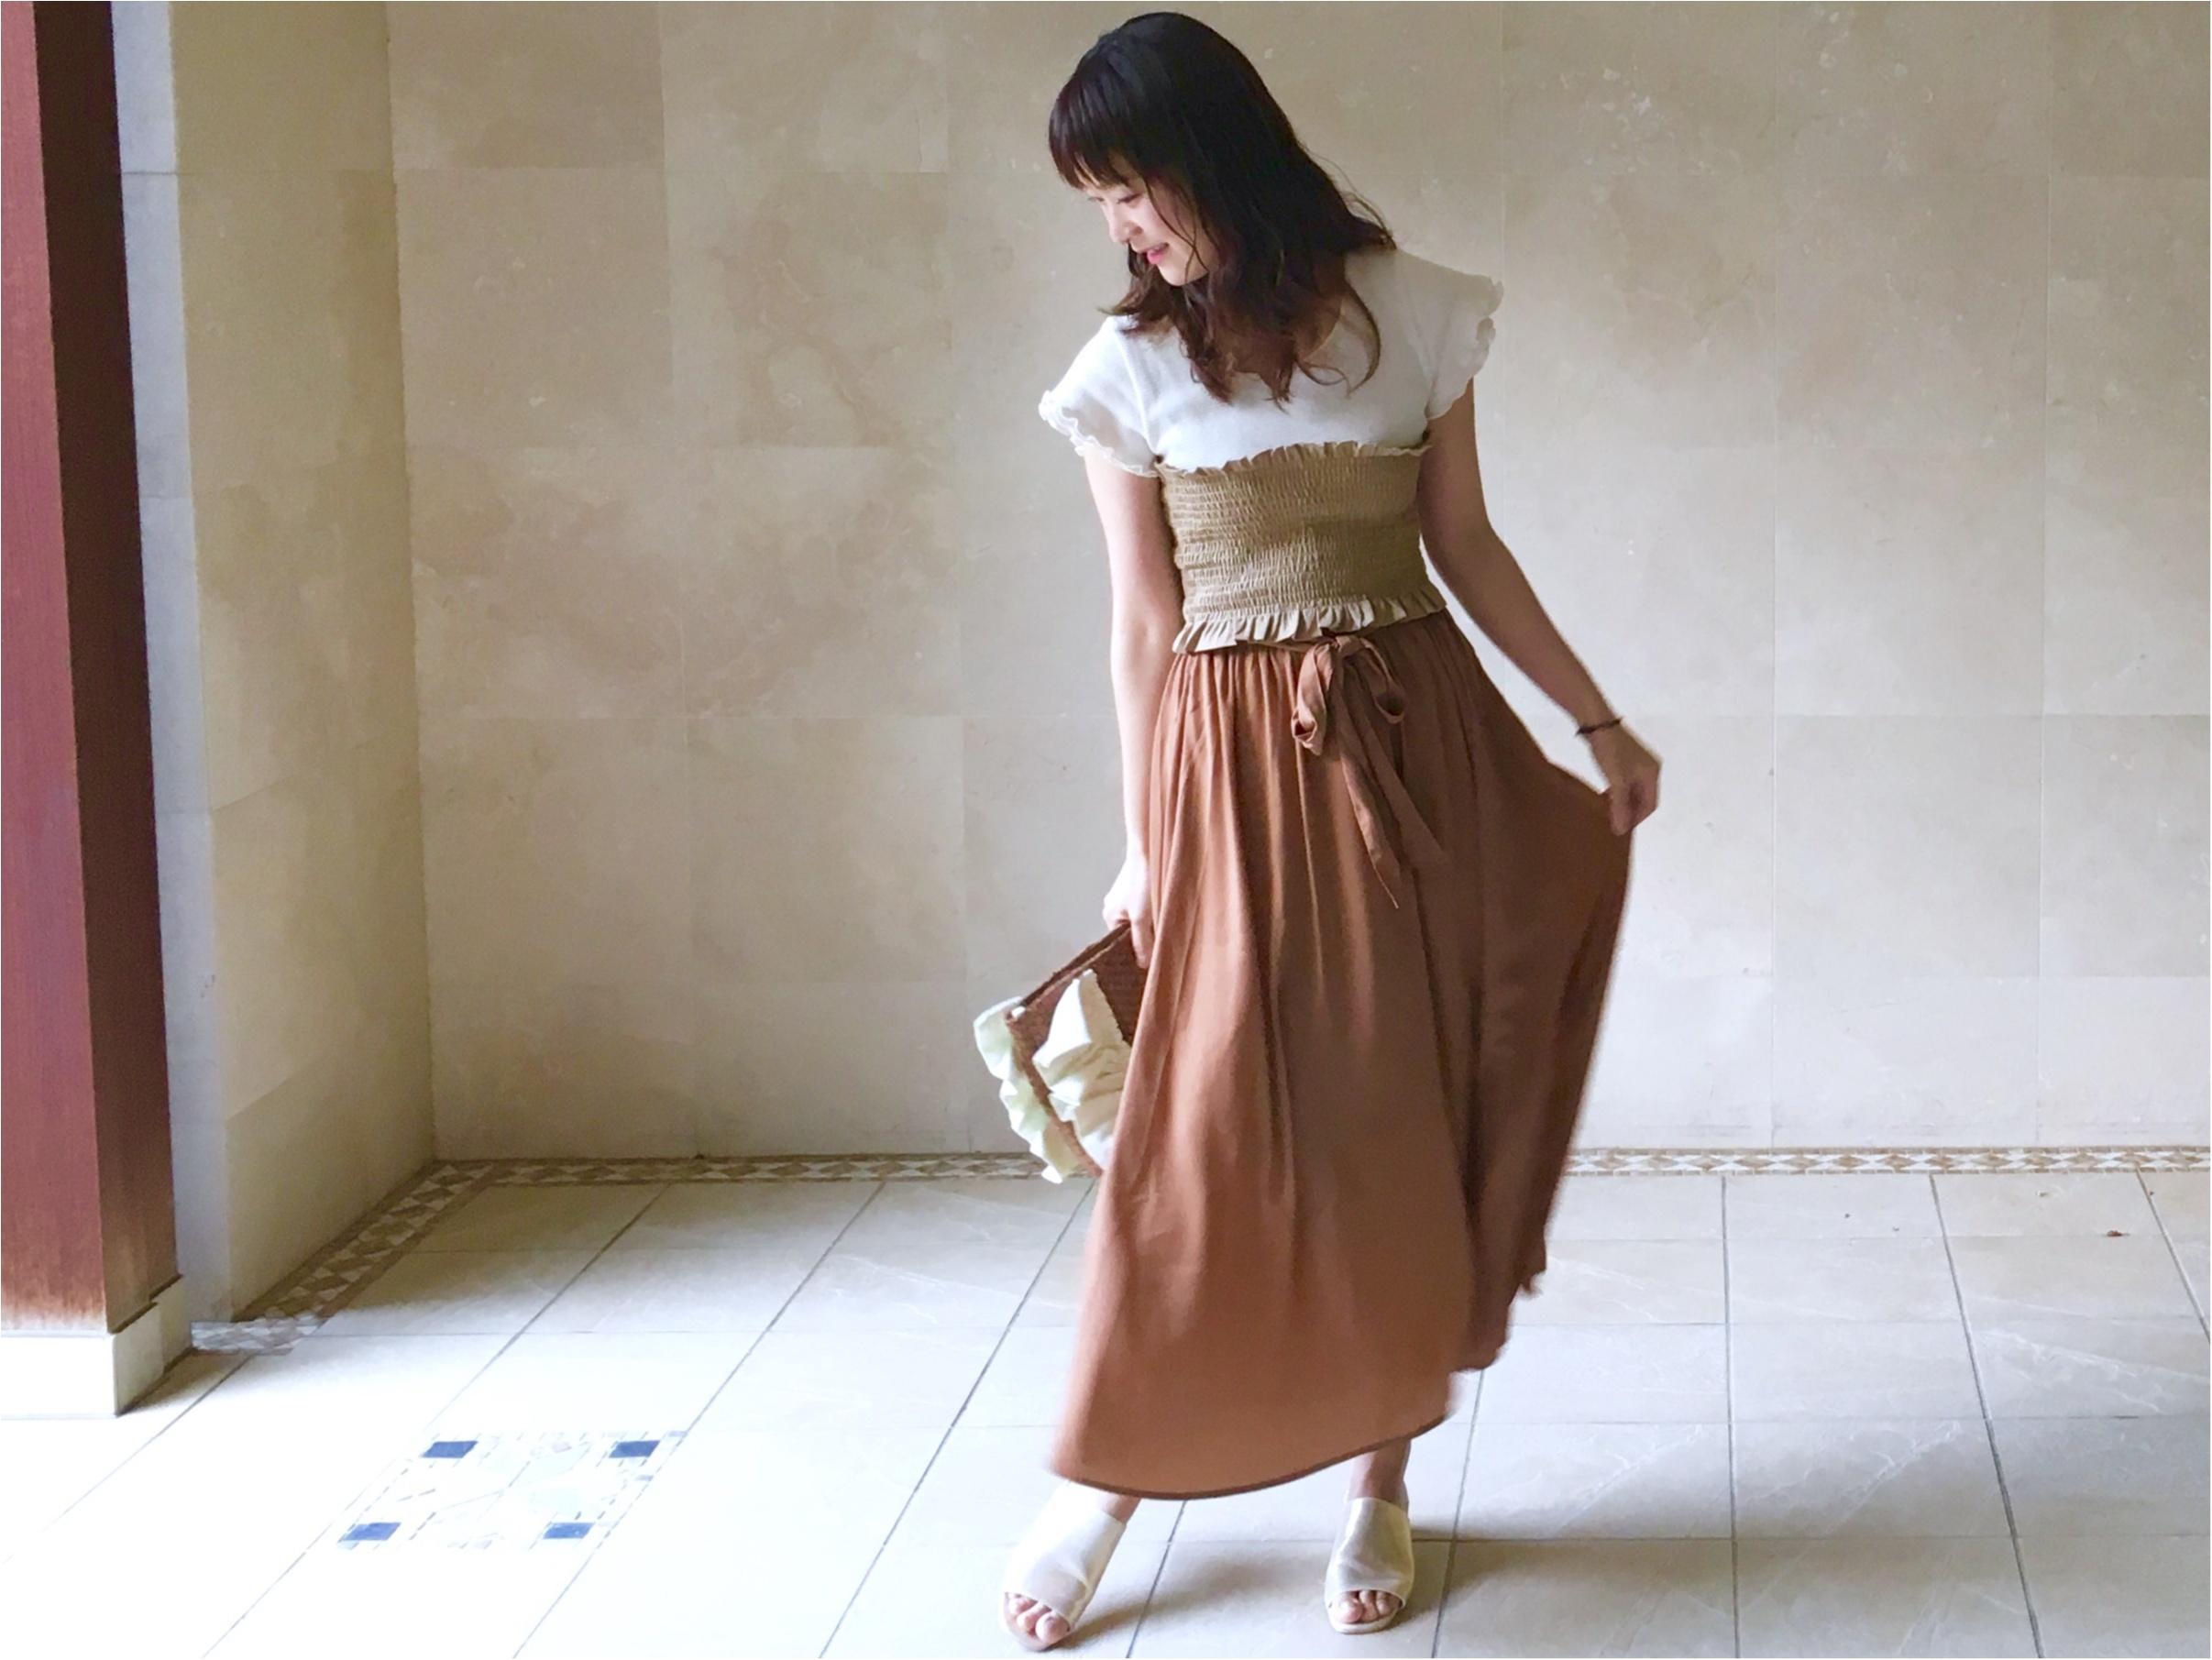 【GU】着ていると褒められる《高見えスカート》❤️¥1500で今から秋まで着倒せます!_2